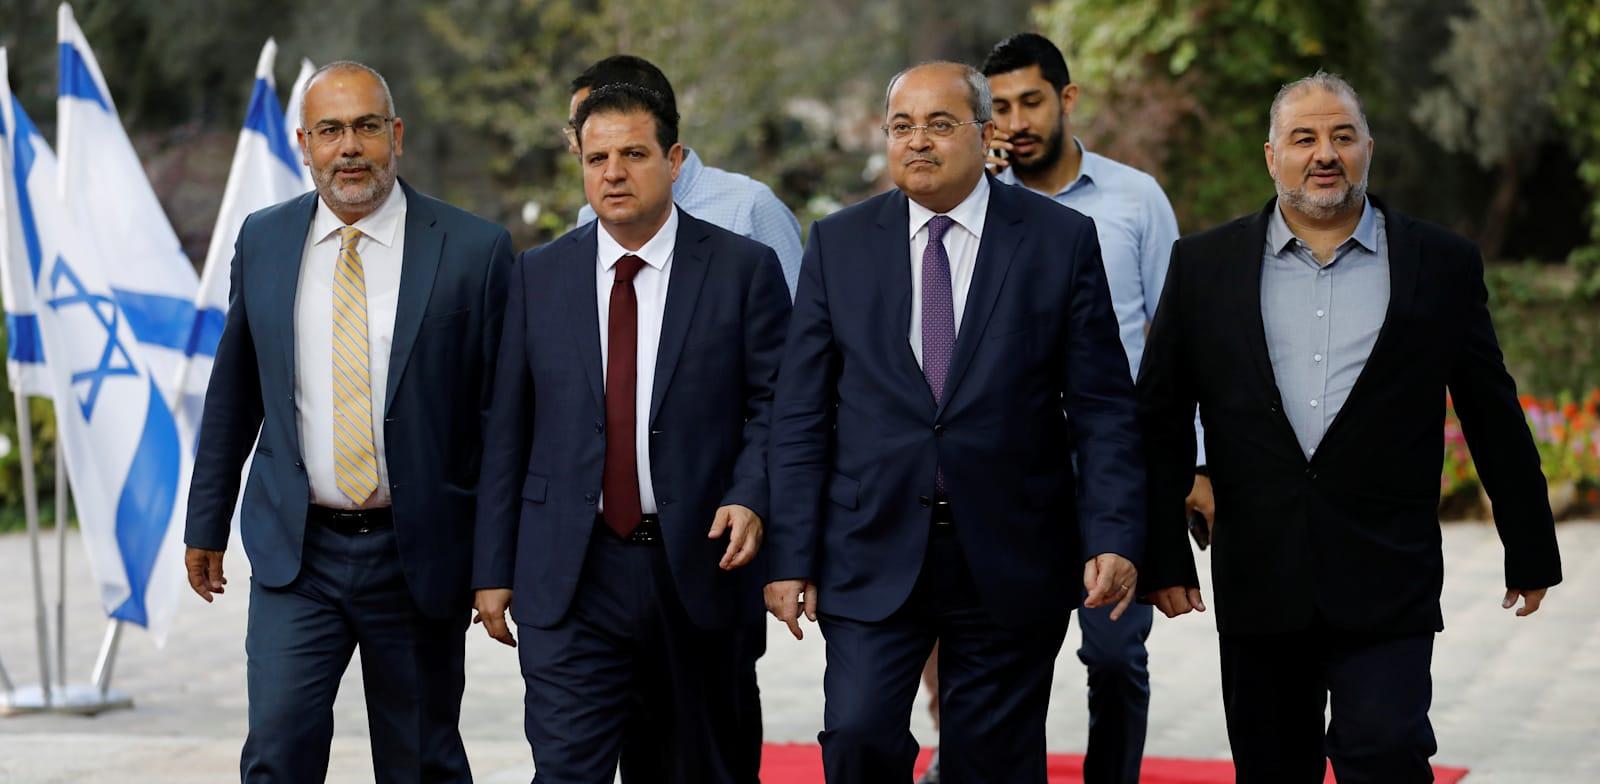 מנהיגי המפלגות הערביות בדרך לפגישה עם הנשיא. האם באמת יש להם מקום במדינת היהודים / צילום: Reuters, Menachen Kahana